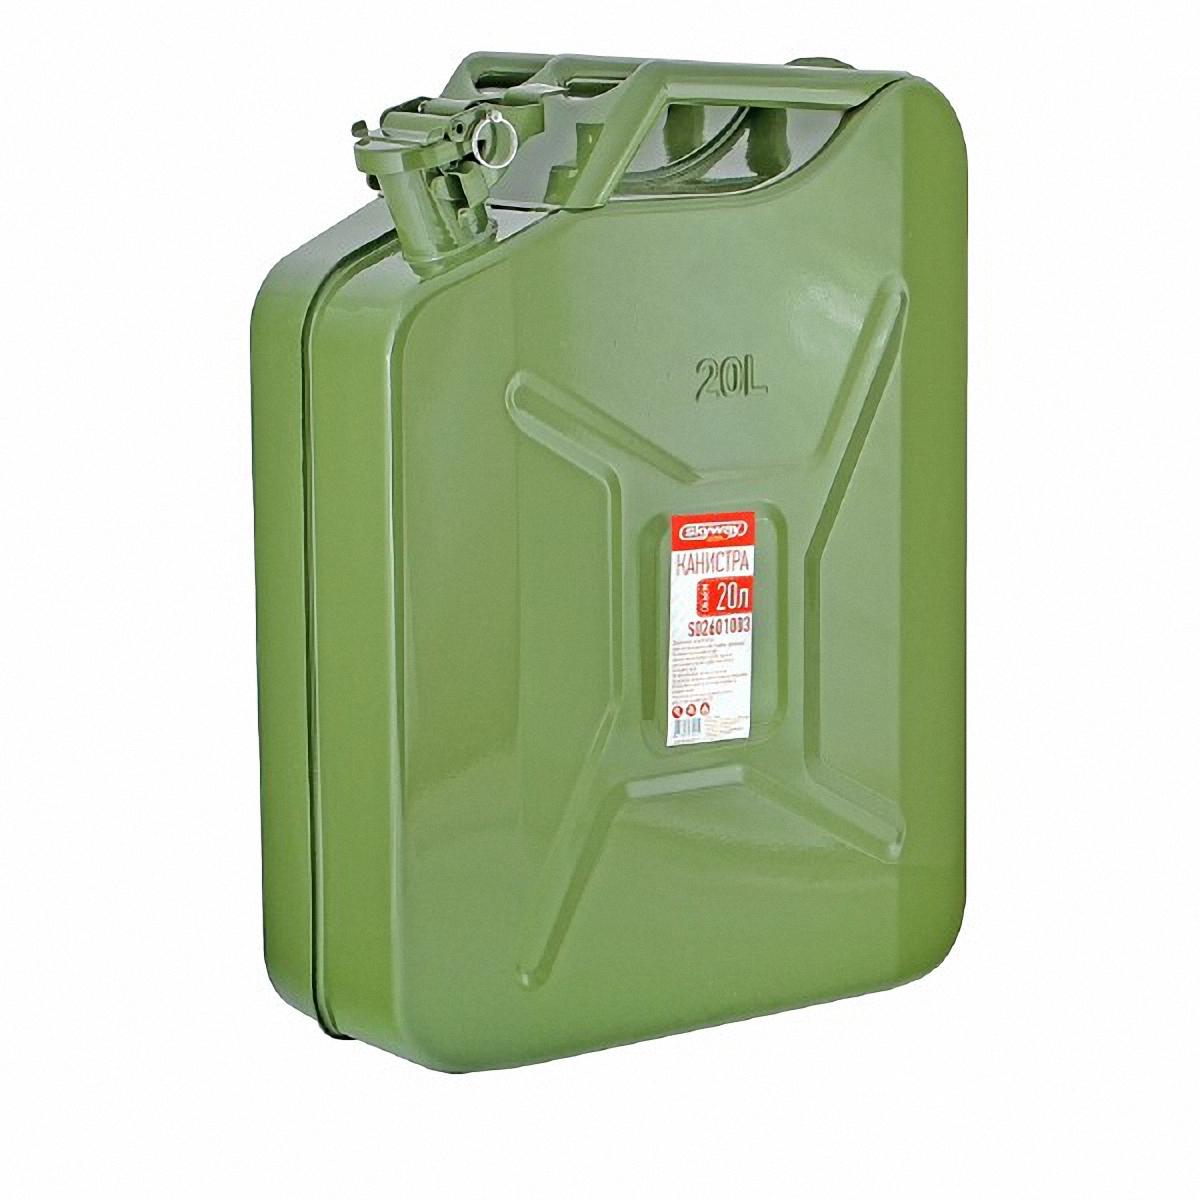 Канистра Skyway, 20 л. S02601003S02601003Металлическая канистра Skyway предназначена для хранения жидкостей, в том числе топлива и топливных смесей. Изготовлена из стали холодного проката, что обеспечивает повышенную прочность. Внешняя поверхность оцинкована и окрашена. Внутреннее фосфатированное антикорозийное покрытие препятствует образованию ржавчины. Ребра жесткости на боковых поверхностях канистры придают ей прочность при механических воздействиях.Устойчивая конструкция канистры предотвращает ее перемещение в багажнике при интенсивном движении, снижая уровень нежелательного шума. Три рукоятки позволяют нести канистру как одному, так и вдвоем. Механизм горловины предохраняет содержимое от протекания, а особые материалы резиновой прокладки придают ей высокую долговечность и устойчивость к механическим повреждениям в процессе эксплуатации. Конструкция рычажного механизма крышки предоствращает появления люфта при активной эксплуатации. Специализированная форма носика исключает проливание жидкости.